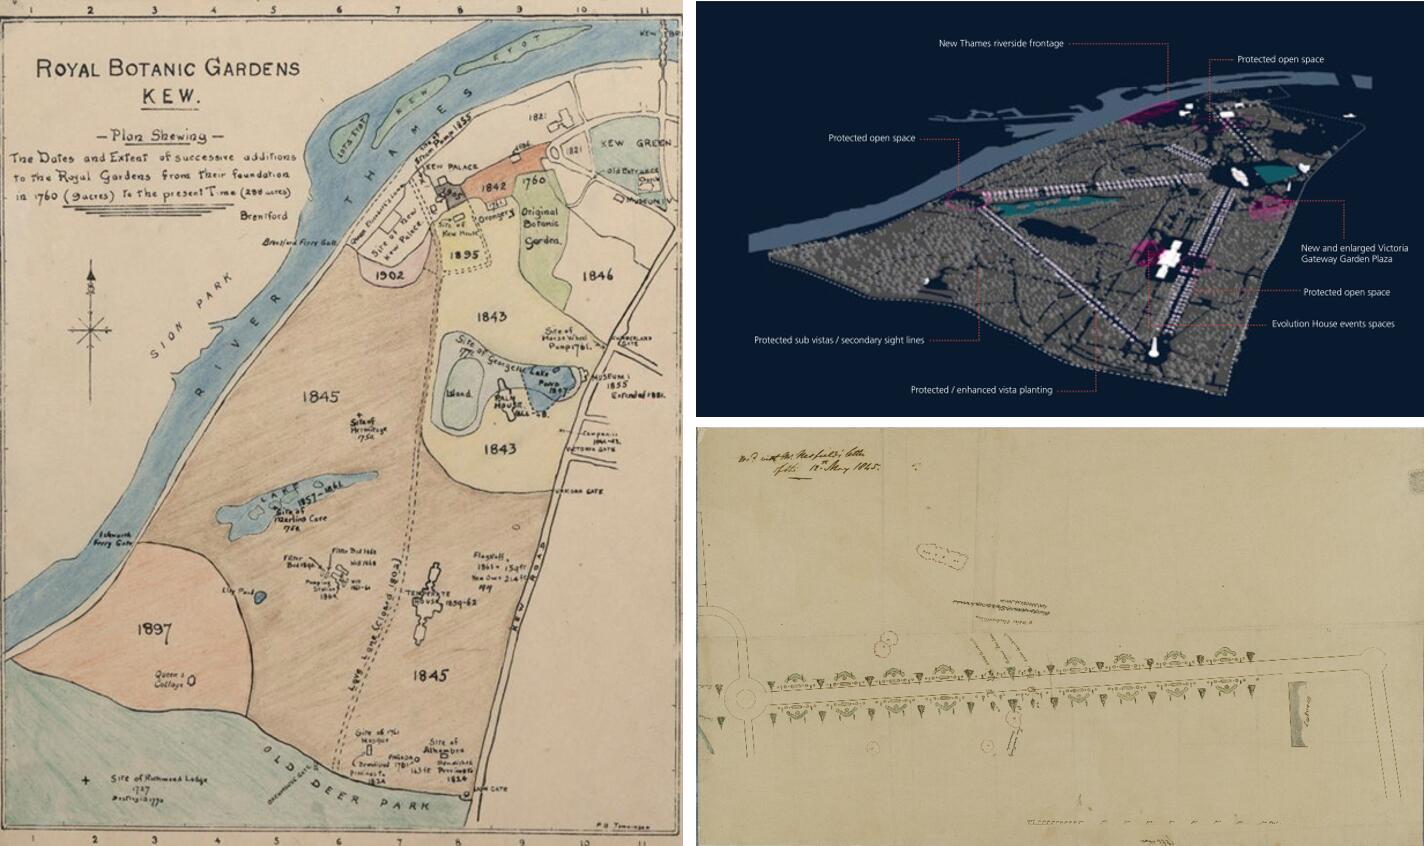 图4.5 英国皇家邱园1760-1908年的扩展及景观整体格局.jpg